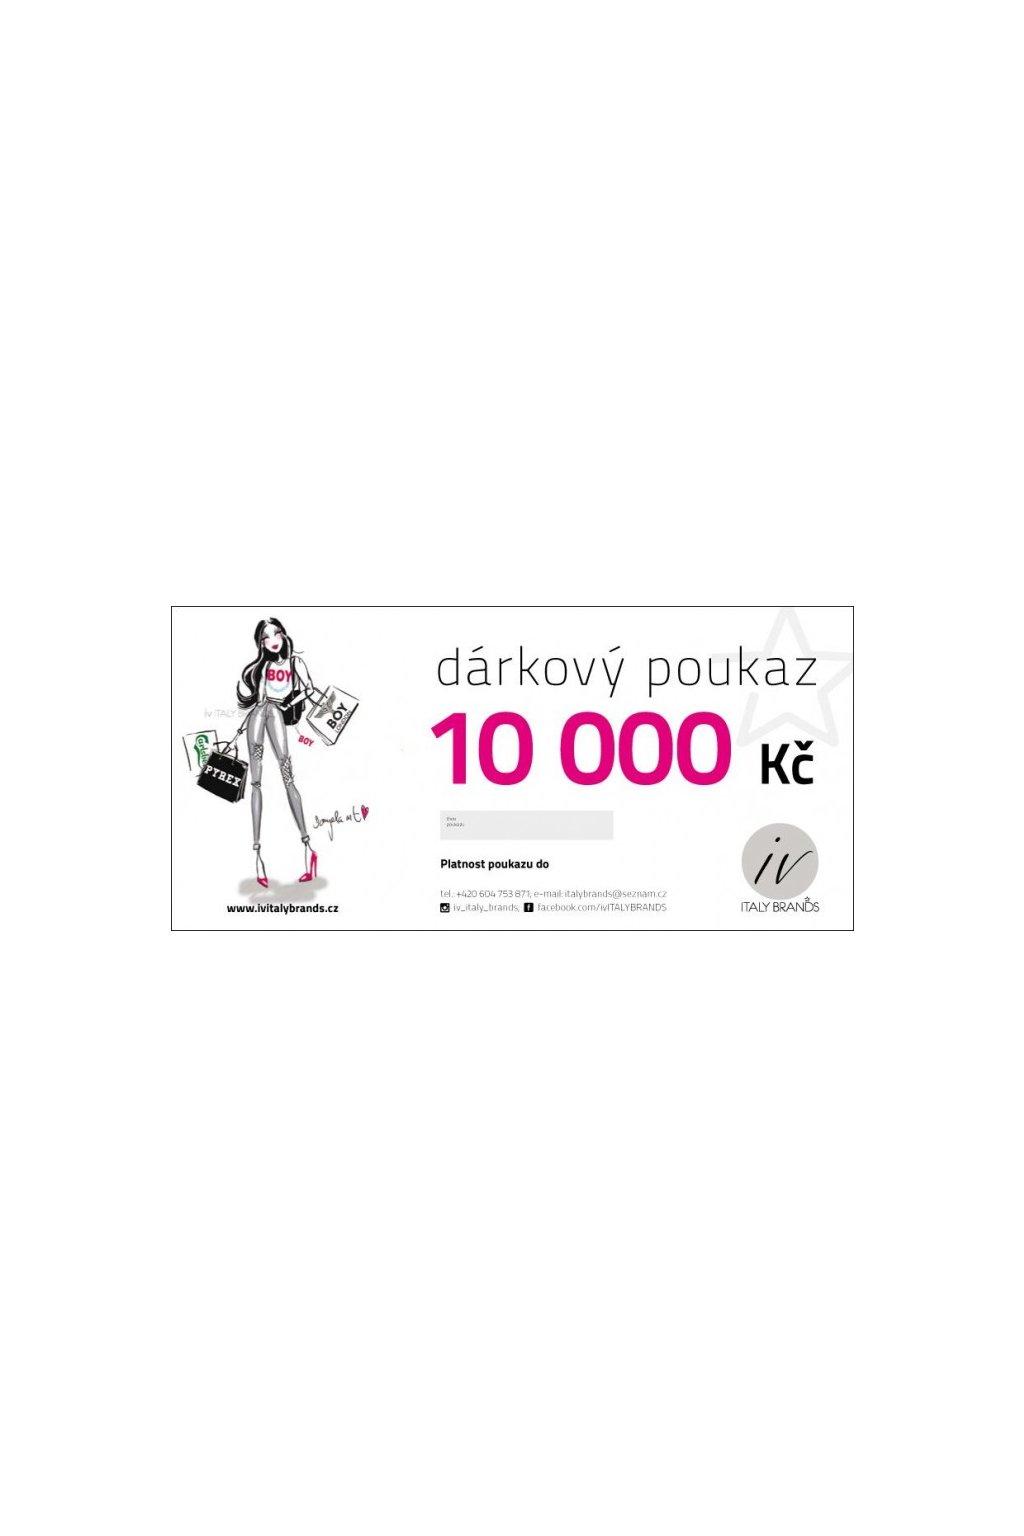 DÁRKOVÝ POUKAZ V HODNOTĚ 10 000 Kč - Cena 10000, (Velikost Kč)